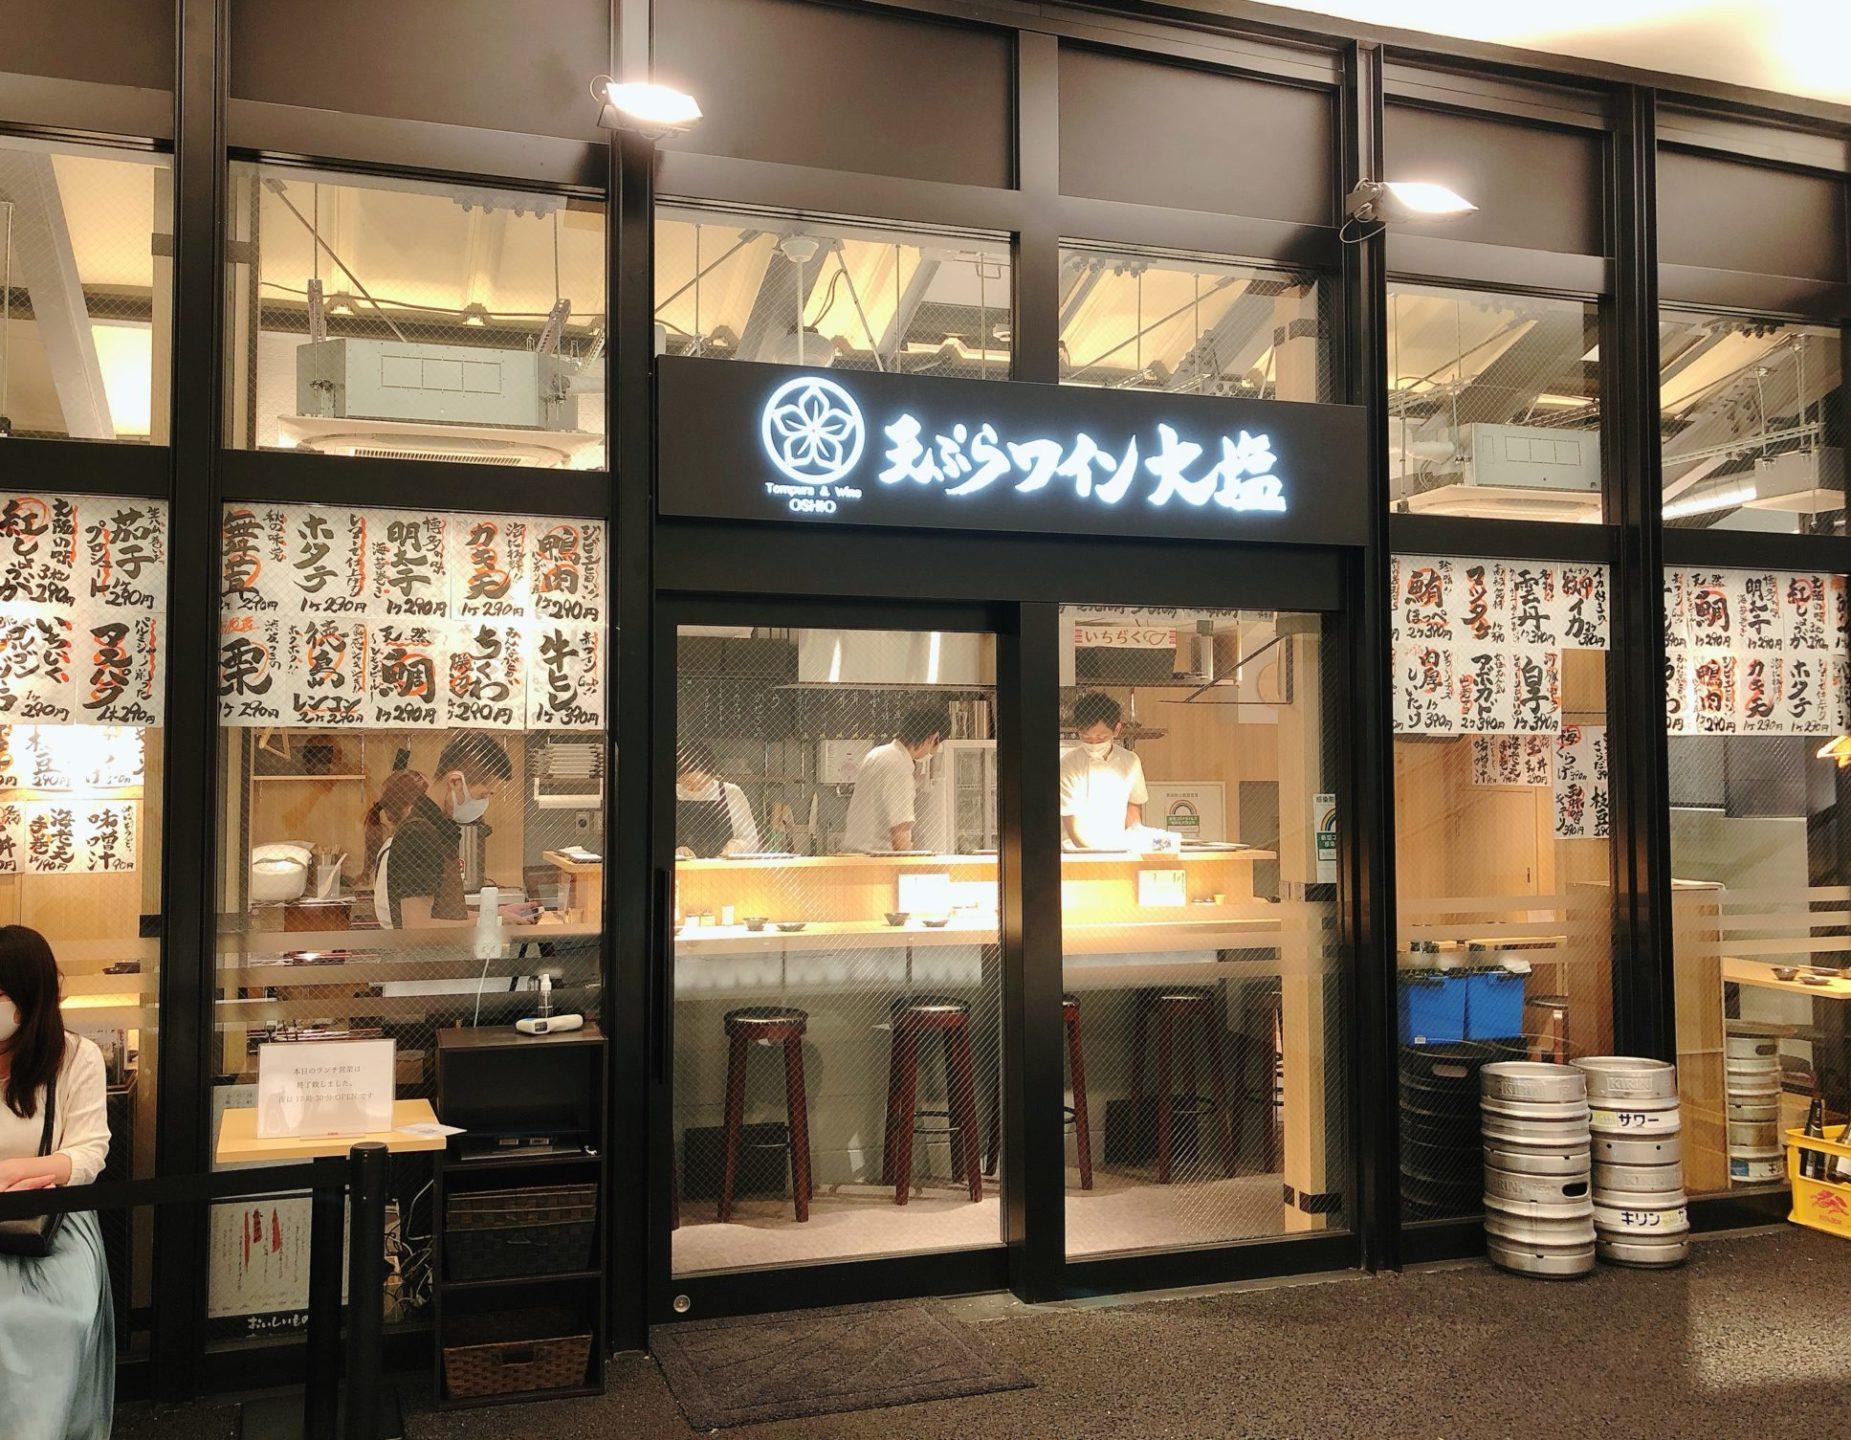 日比谷OKUROJI(ヒビヤオクロジ)の天ぷらワイン大塩